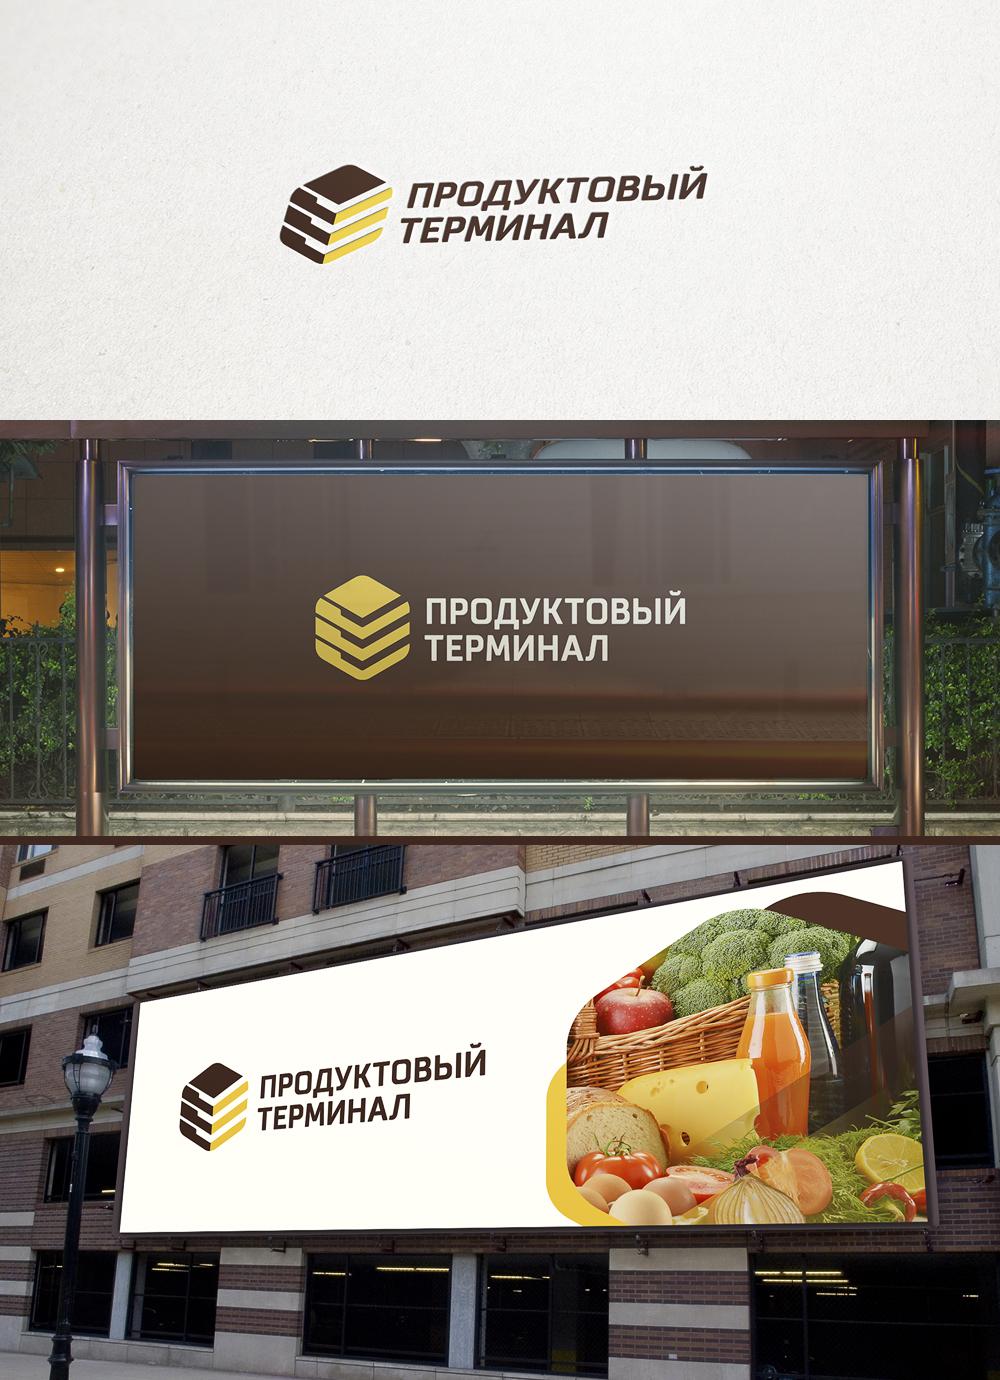 Логотип для сети продуктовых магазинов фото f_57656faacff03d2b.jpg